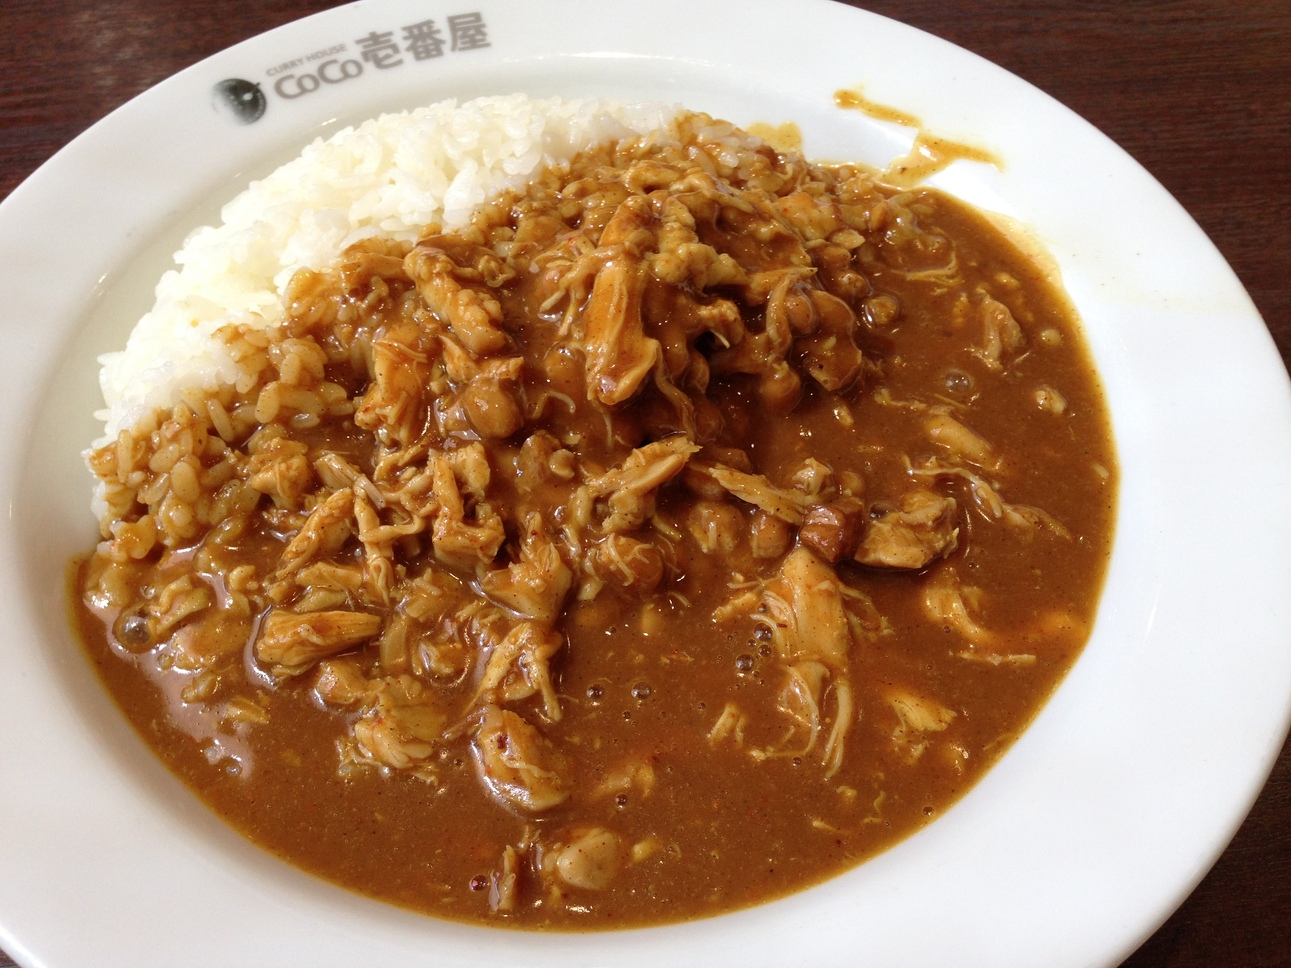 カレーハウス CoCo壱番屋 西京大枝中山店